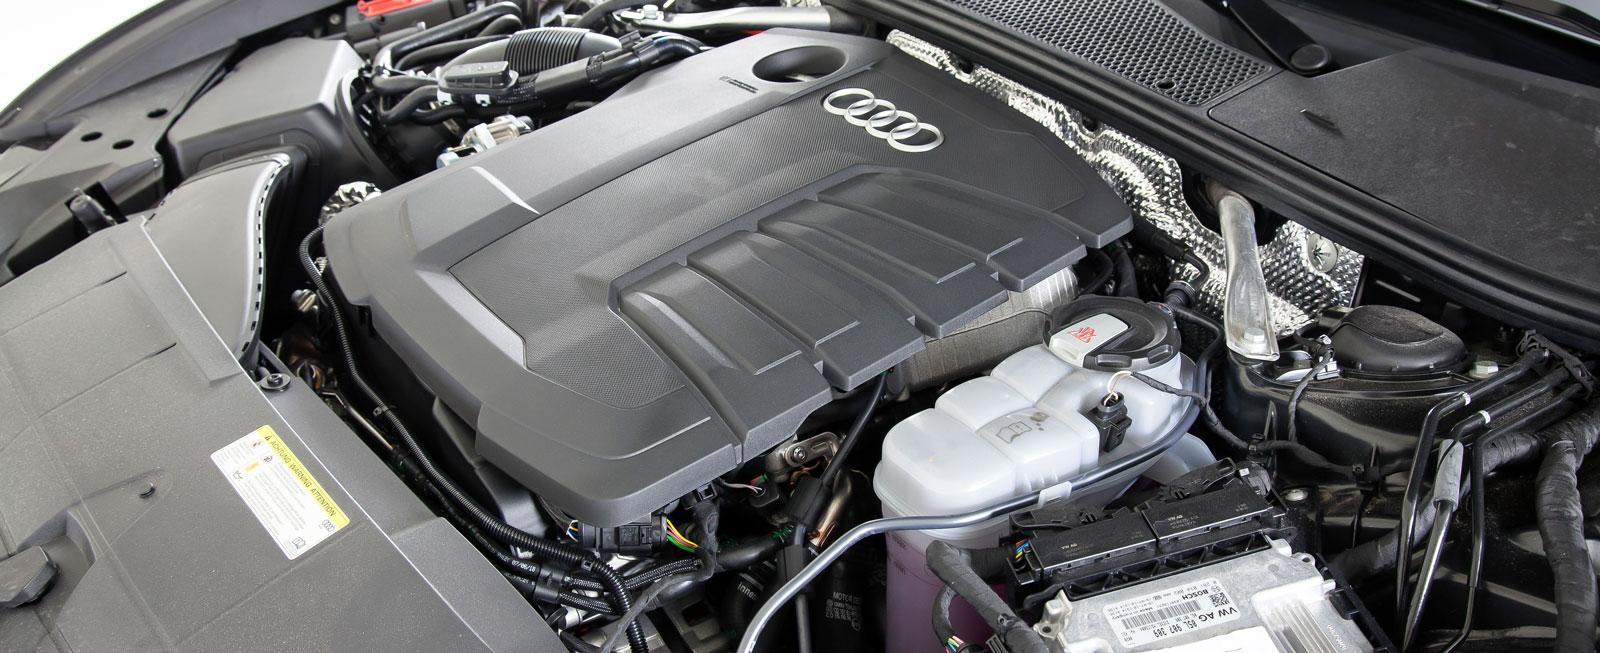 Den bekanta TDI-motorn har nu 204 hk och är en fullträff i gångkultur och ljudnivå. Dessutom är den snålast i testtrion.